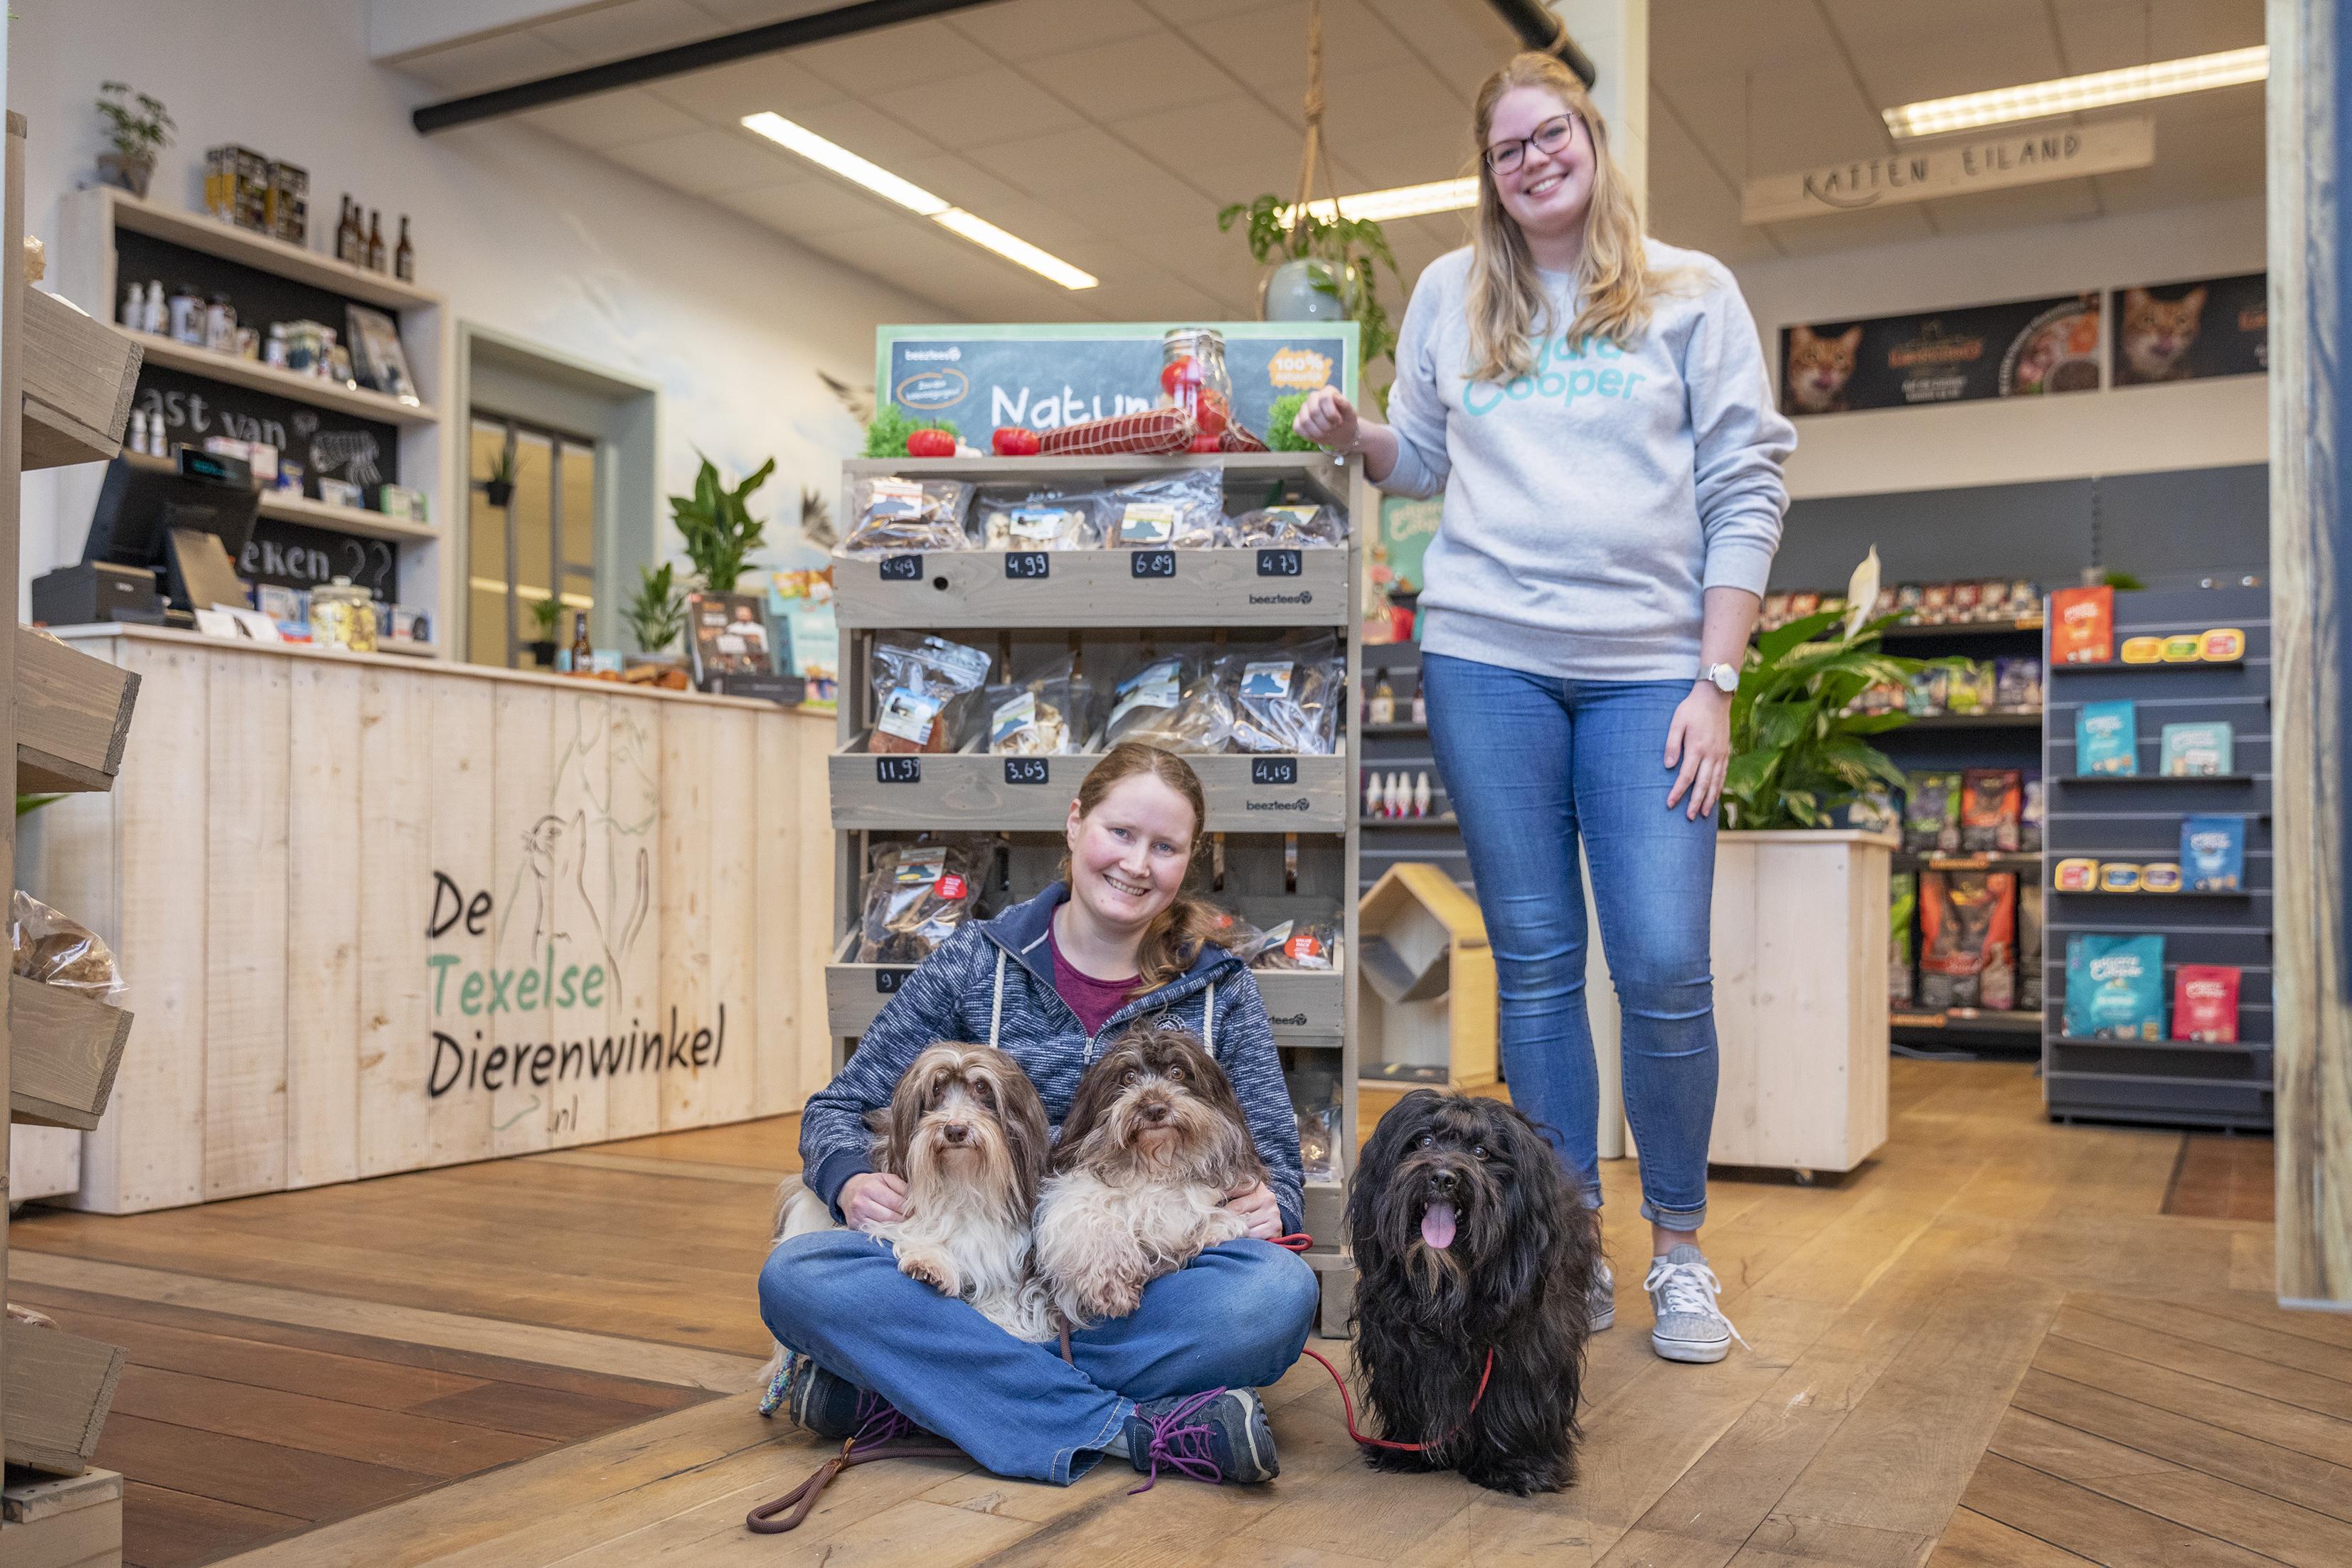 Dierenwinkel Celina op Texel is gelegaliseerd: ze zat er al een poosje, maar nu mag het ook echt